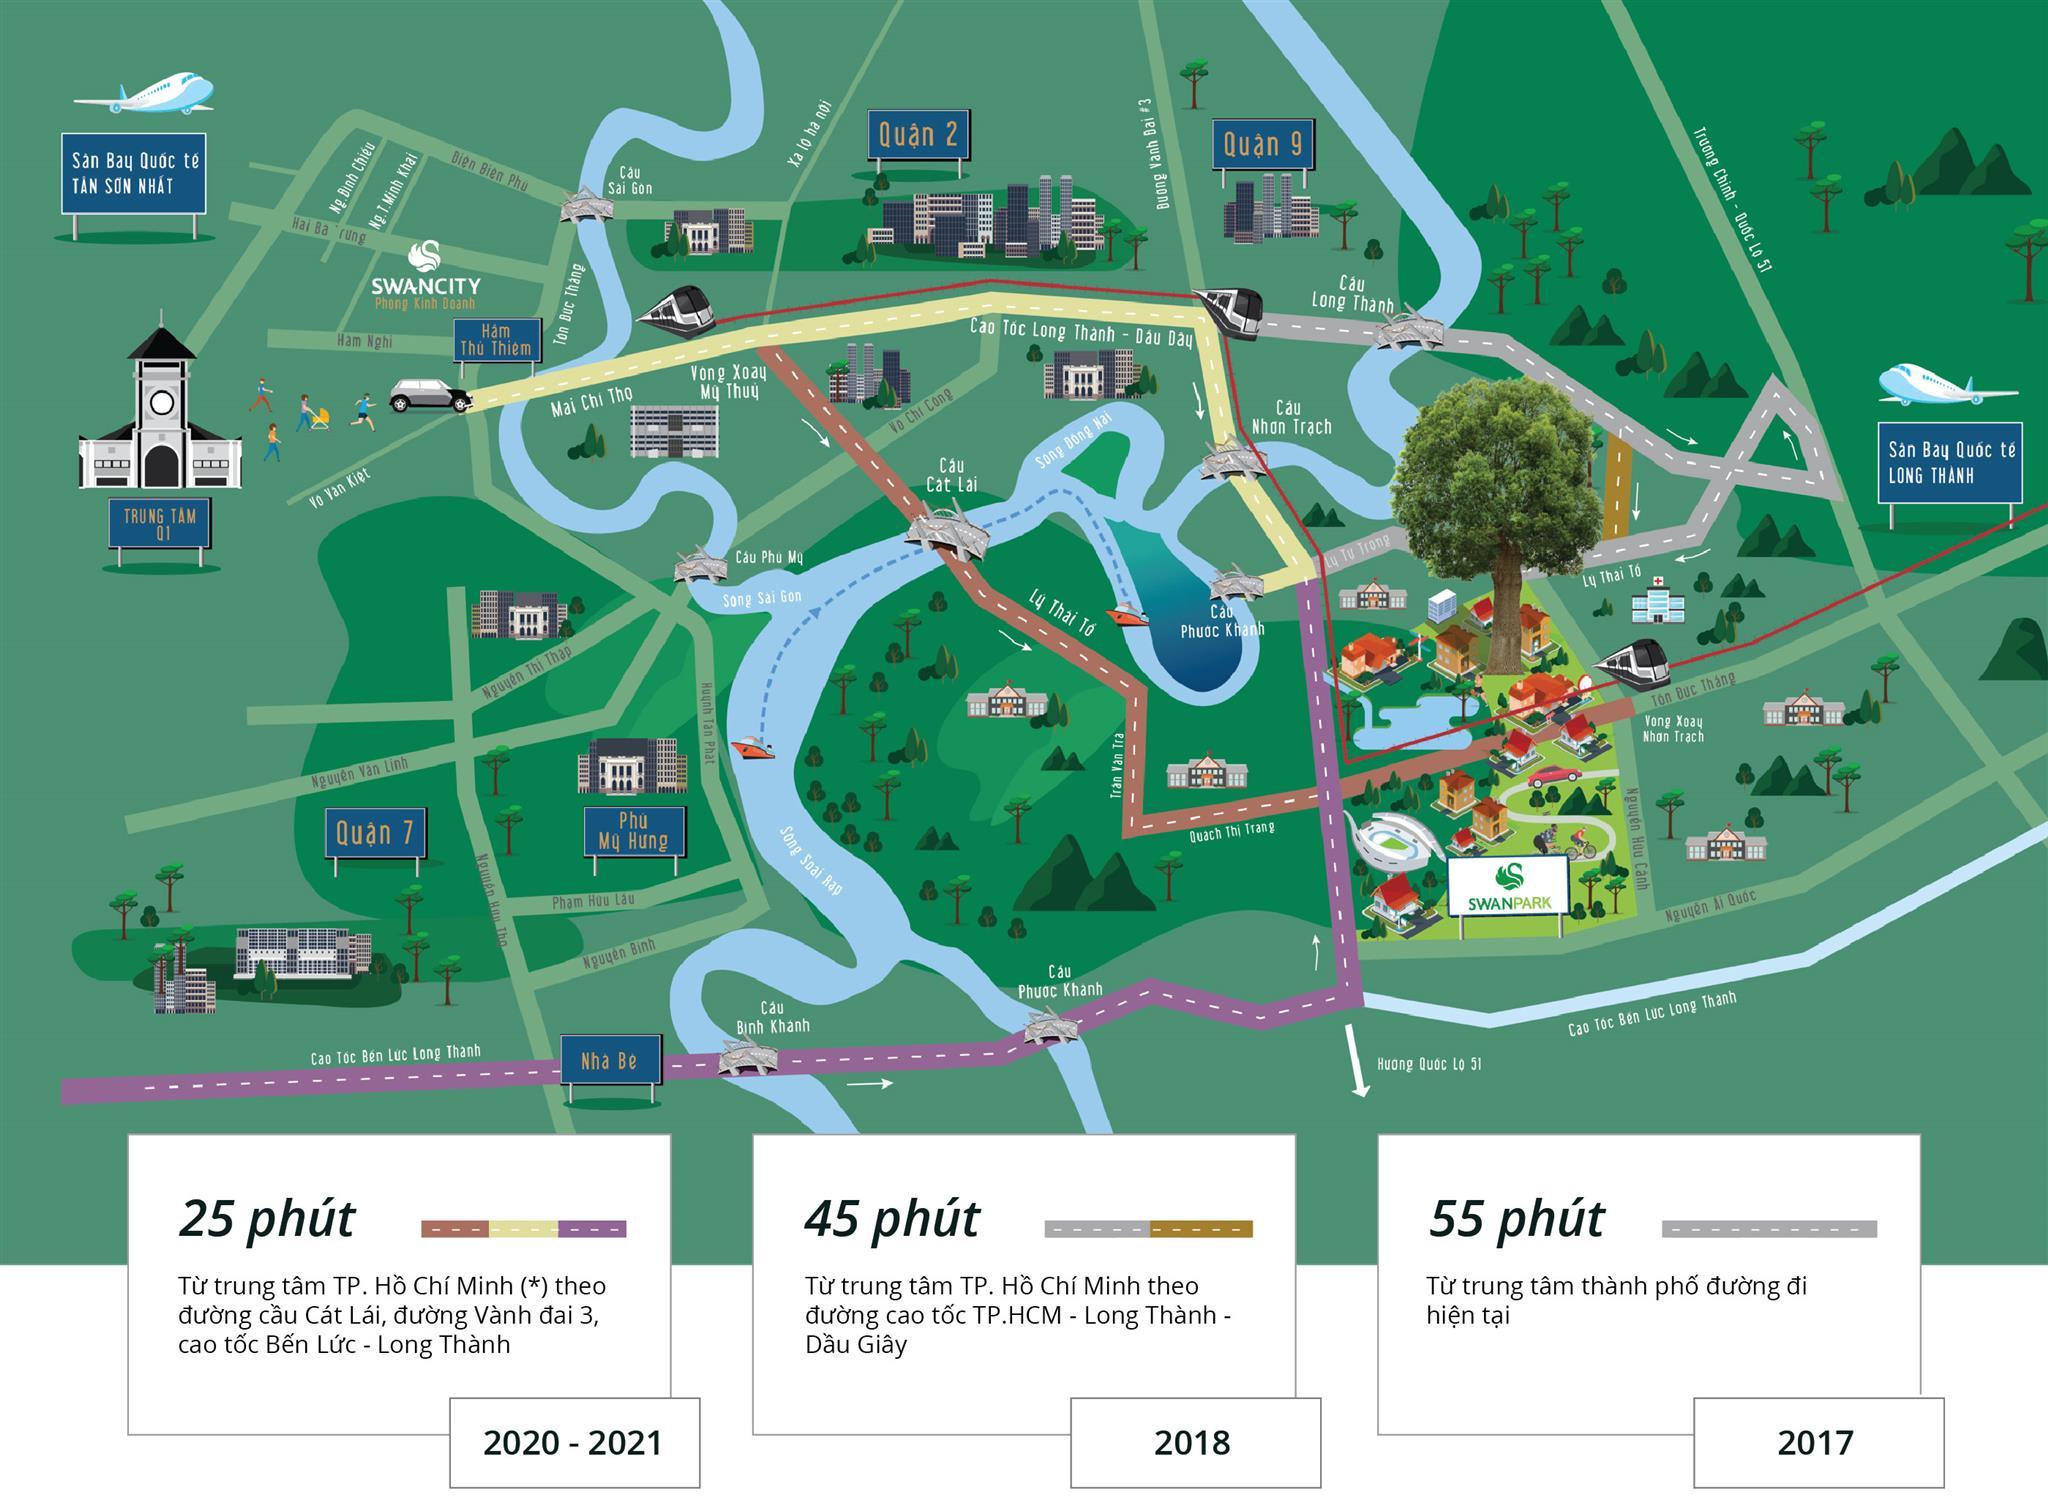 Vị trí dự án Swan Park Nhơn Trạch